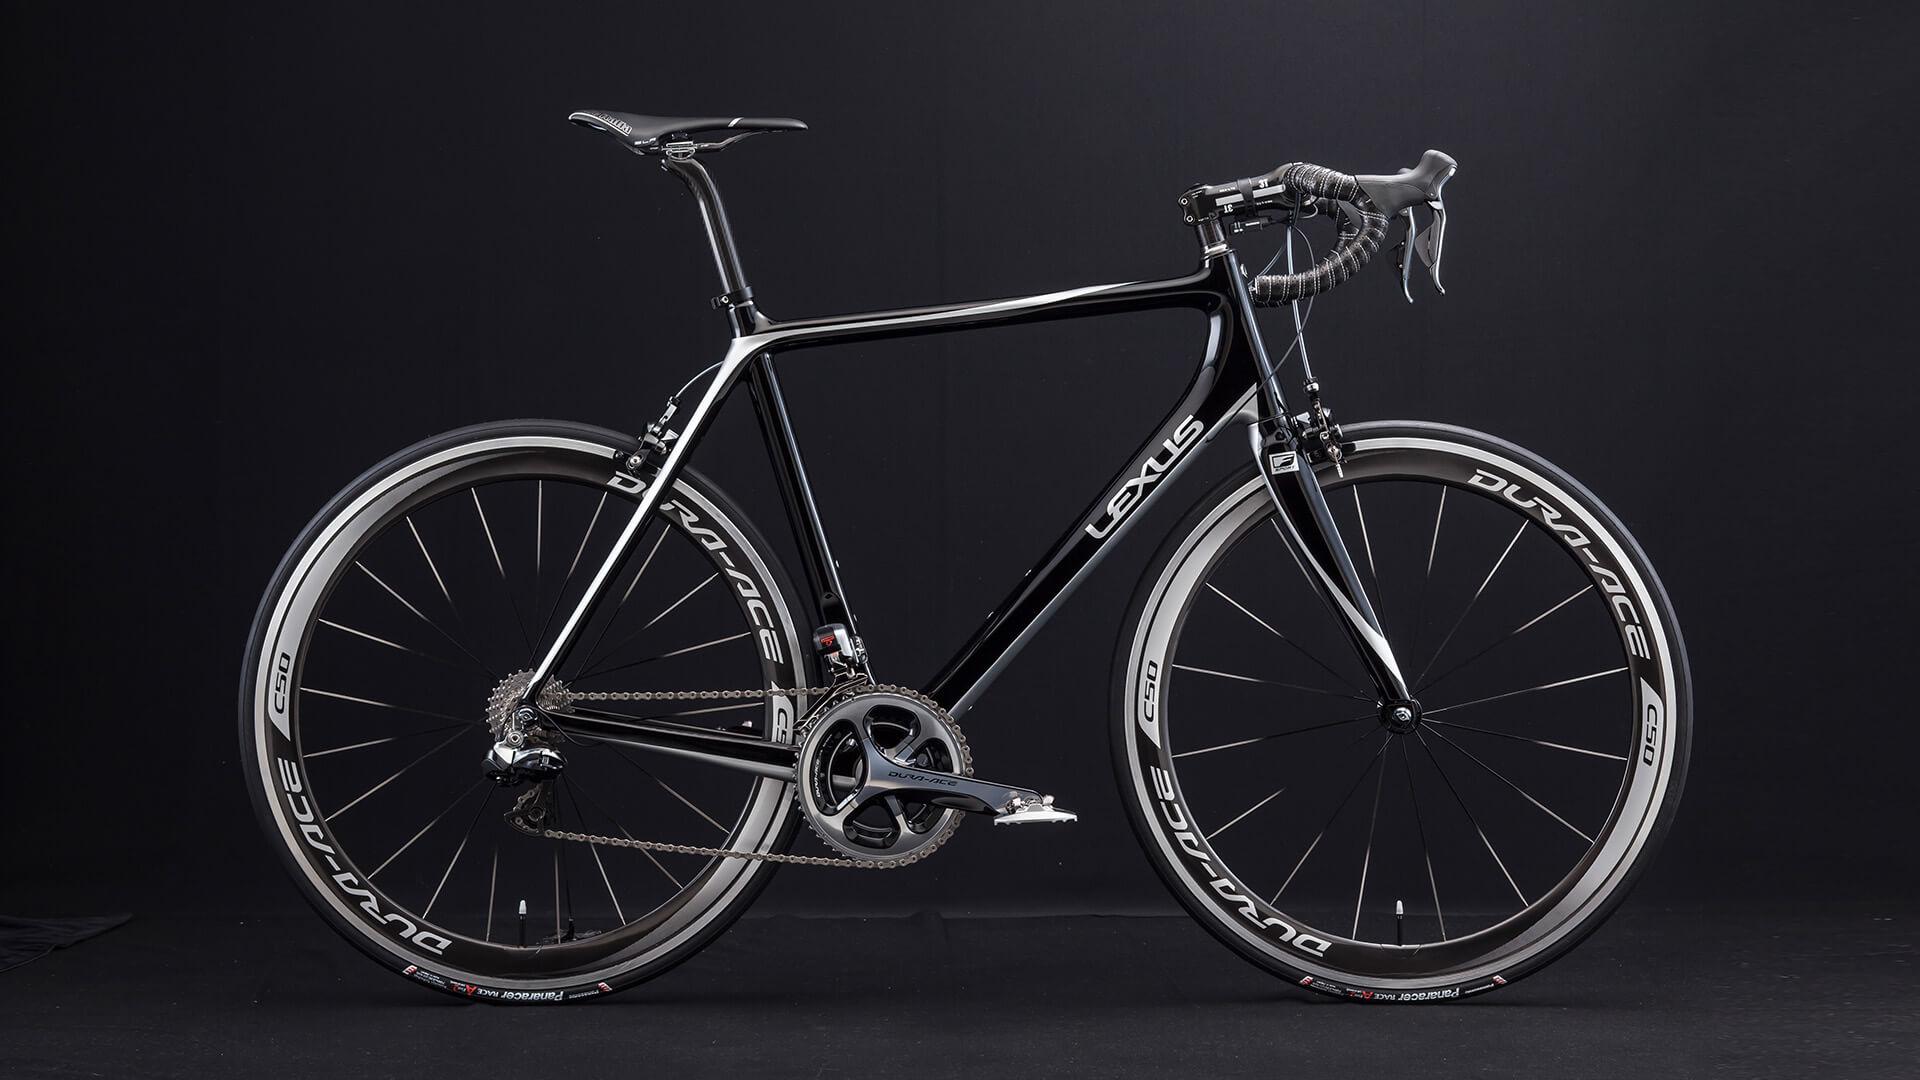 2018 lexus ownership bicycle